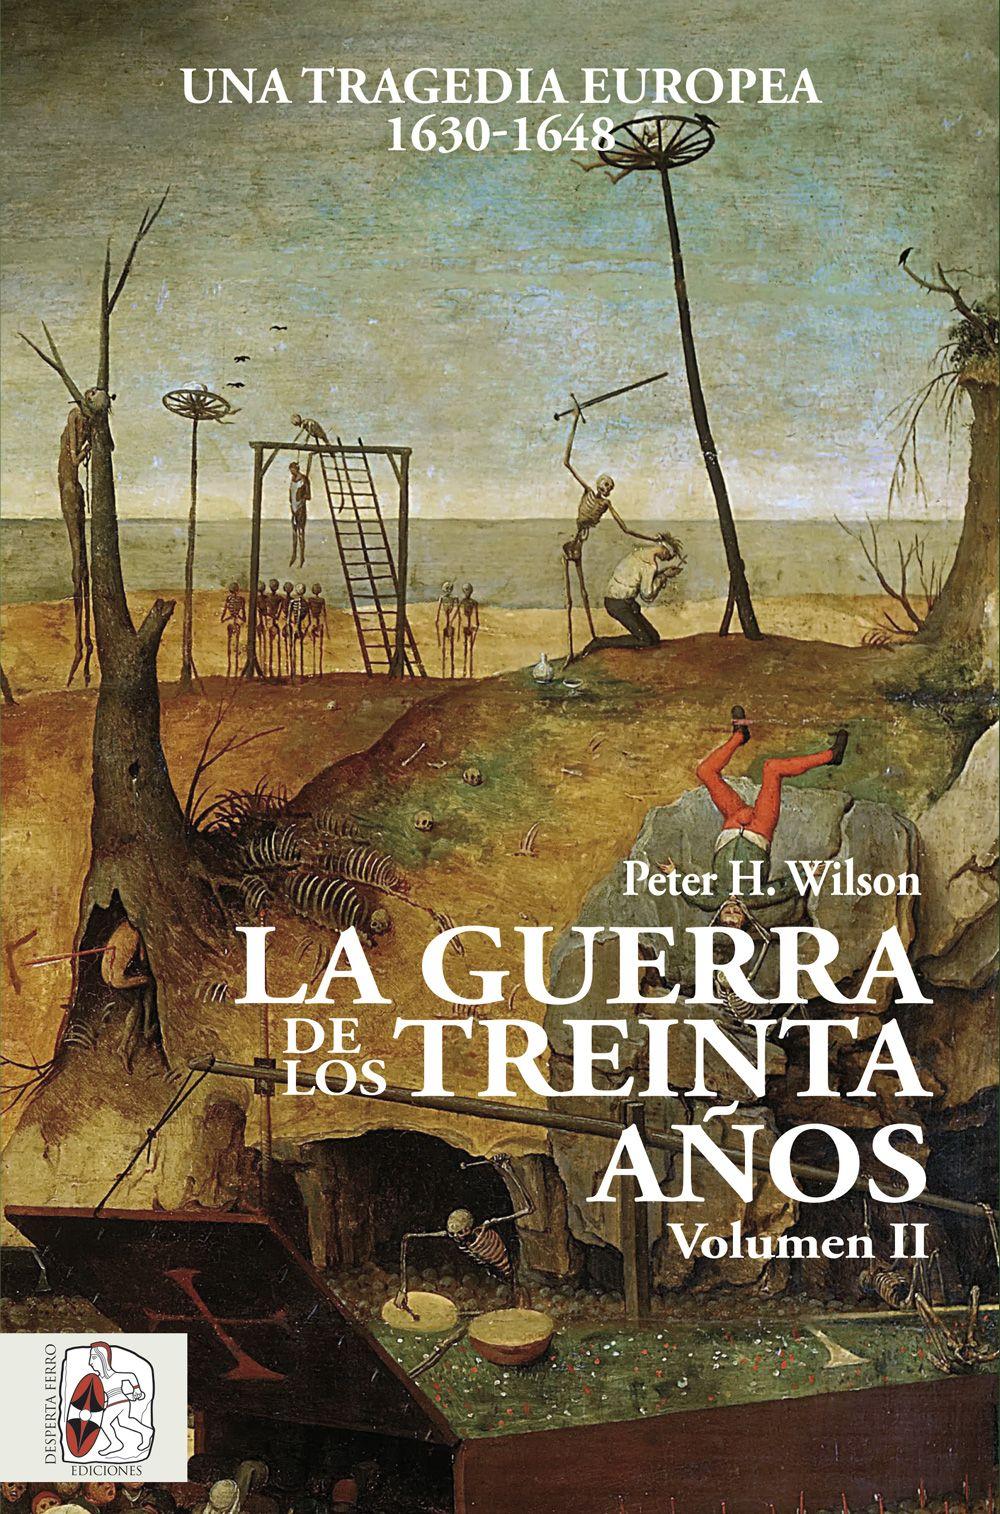 La Guerra de los Treinta Años II   «Una tragedia europea (1630-1648)»